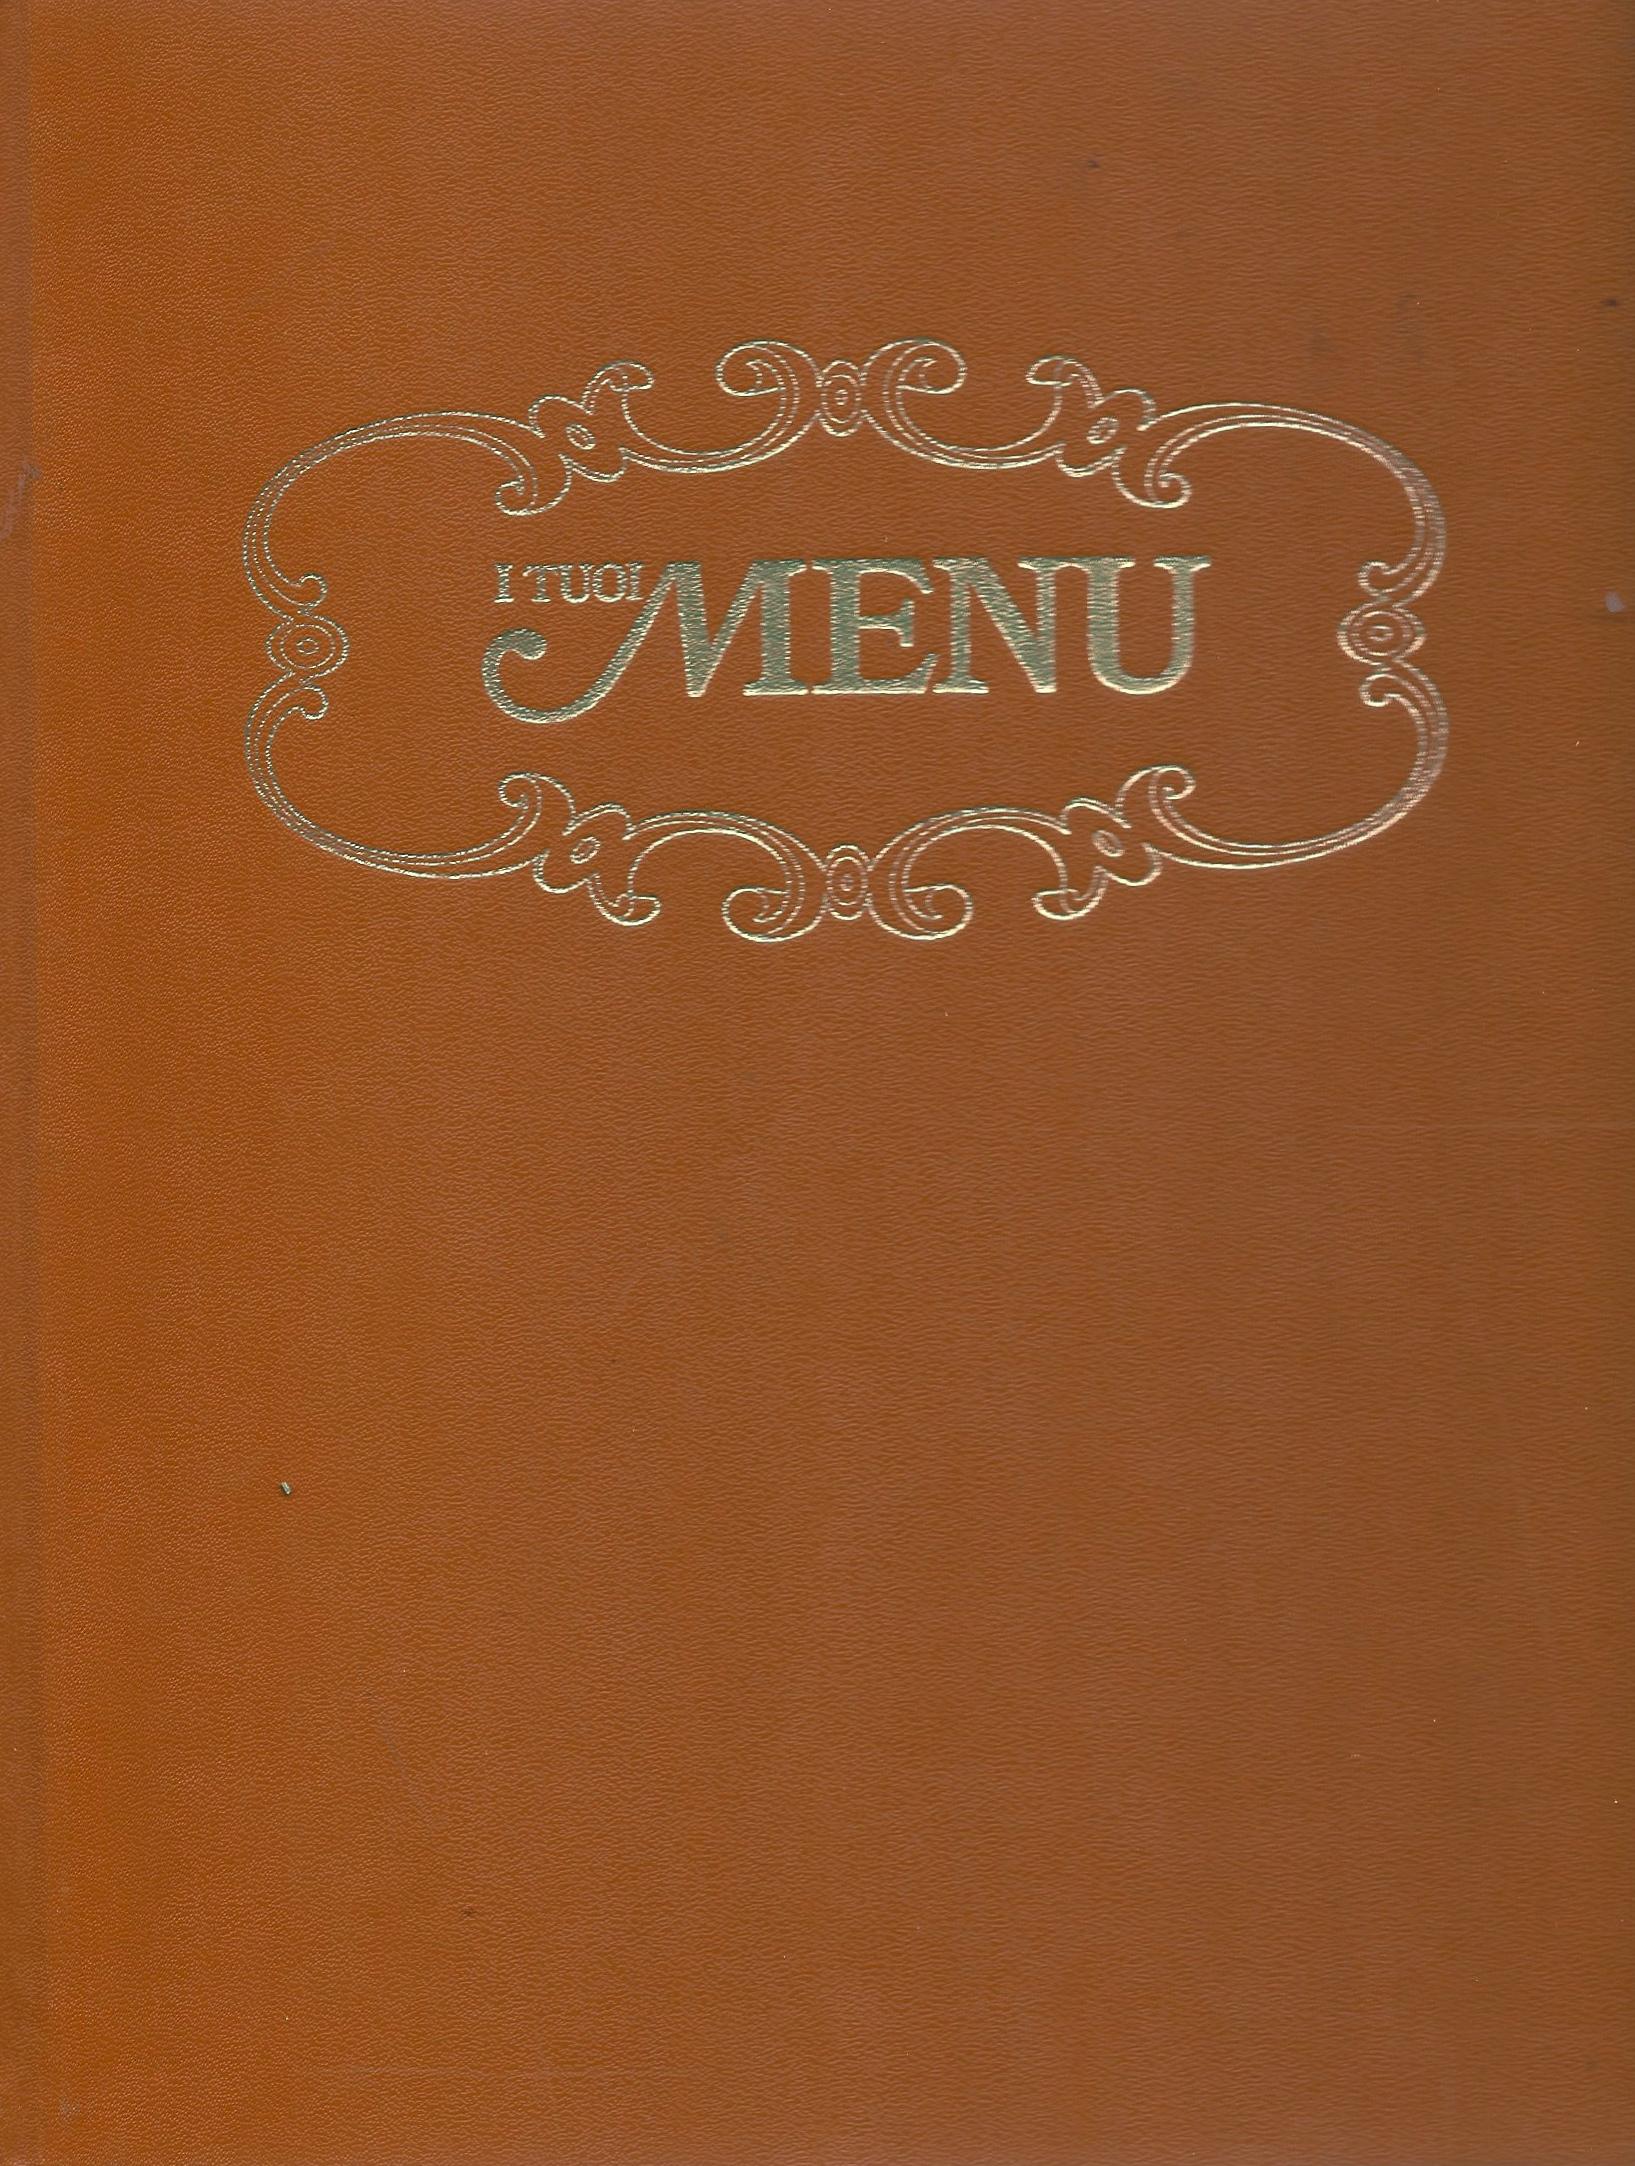 I tuoi menu - vol 10